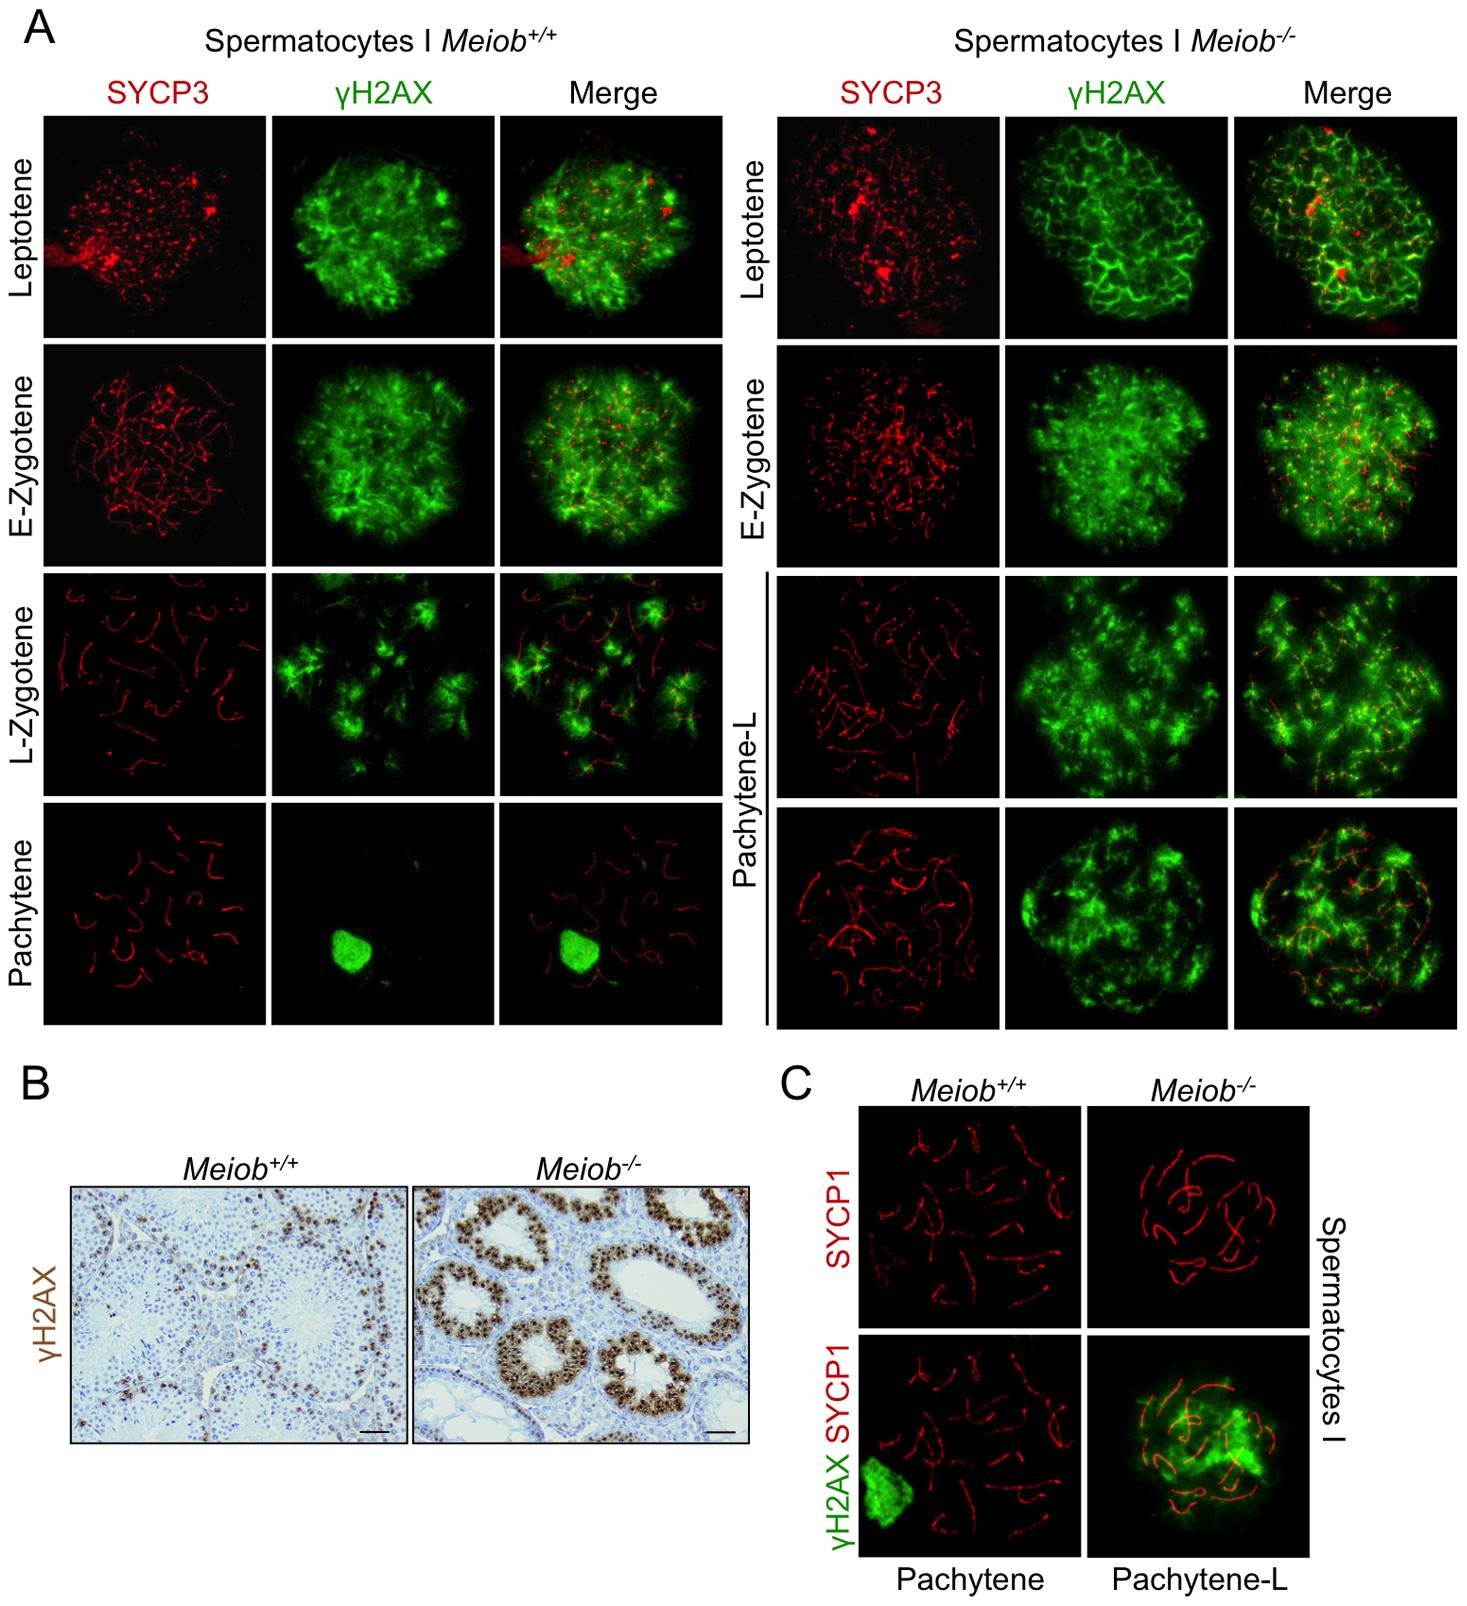 γH2AX is persistent in <i>Meiob</i><sup>−/−</sup> spermatocytes.